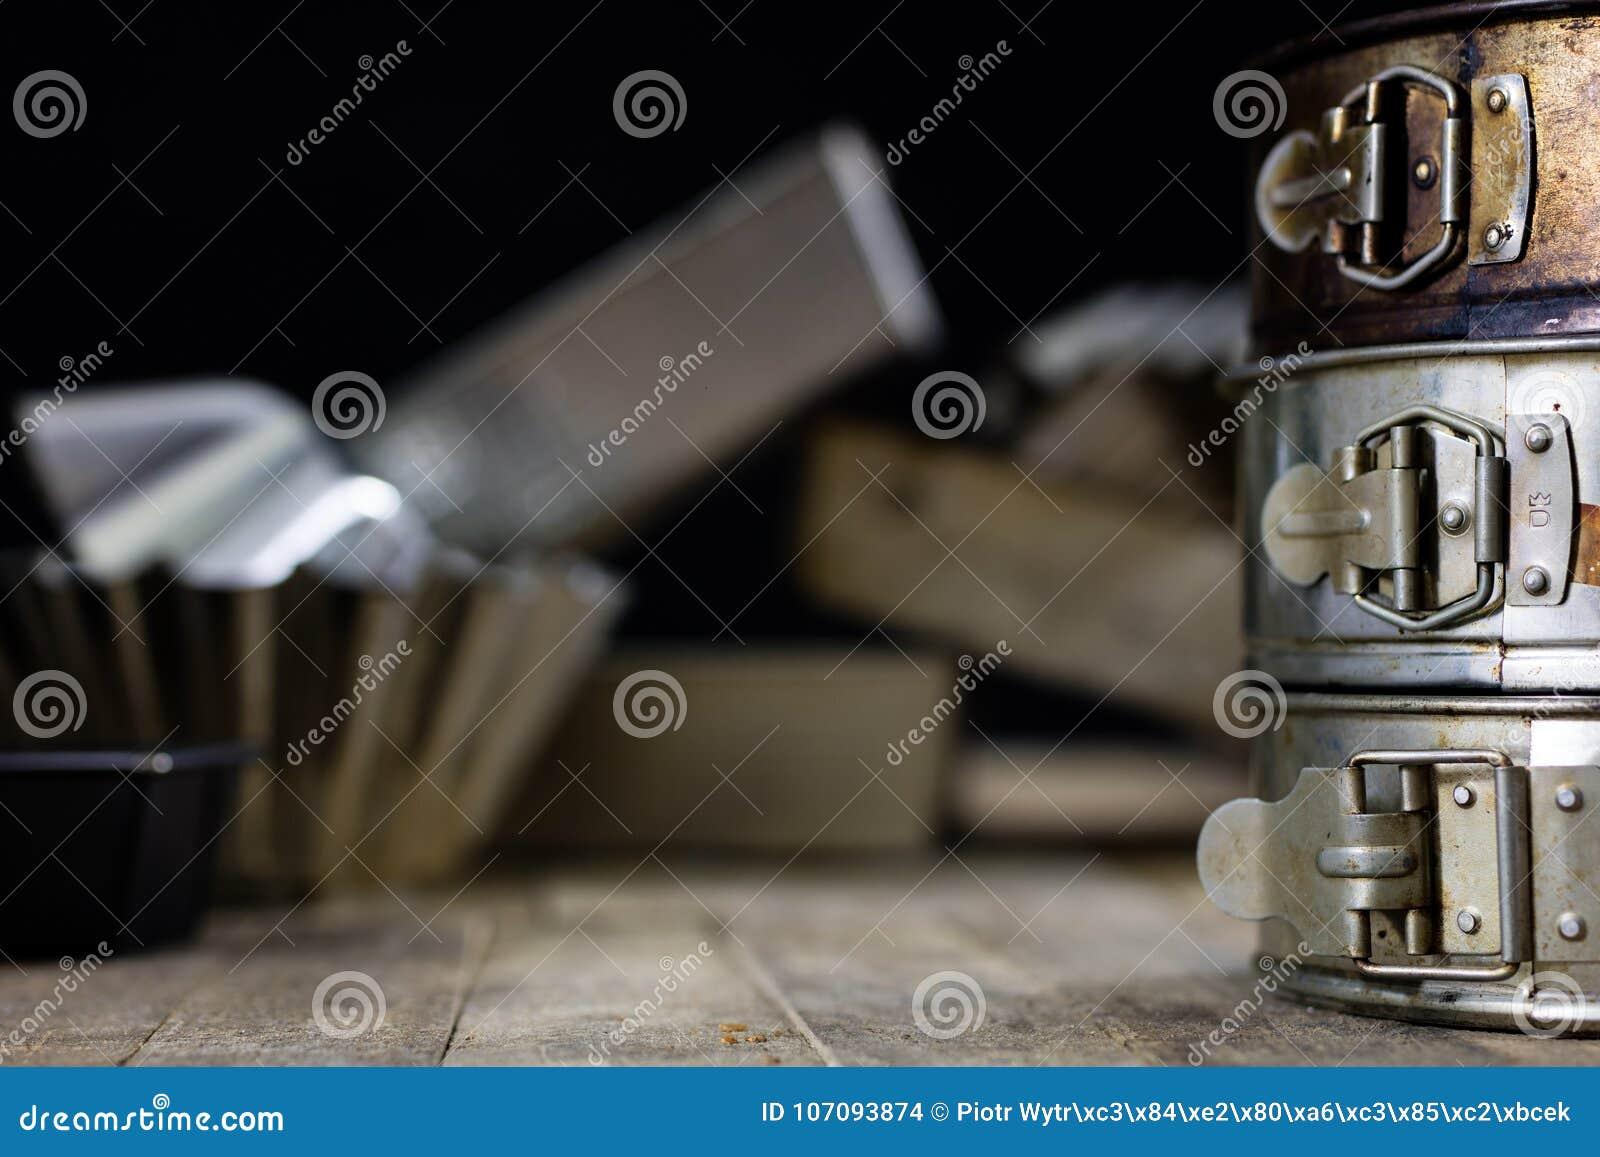 Zinn Und Backenformen Auf Einem Holztisch Altes Kuchenzubehor Stockfoto Bild Von Zinn Holztisch 107093874